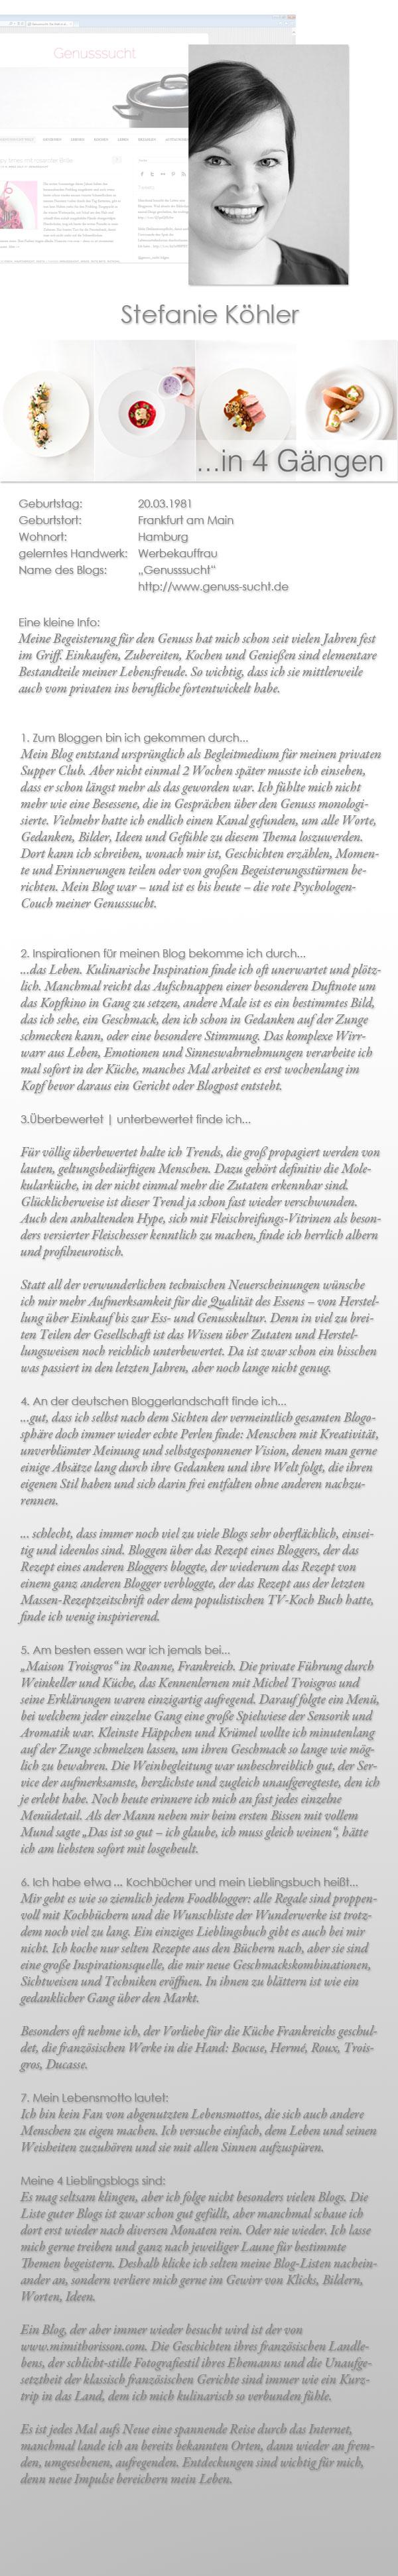 Stefanie-Köhler-von-Genusssucht-Porträt